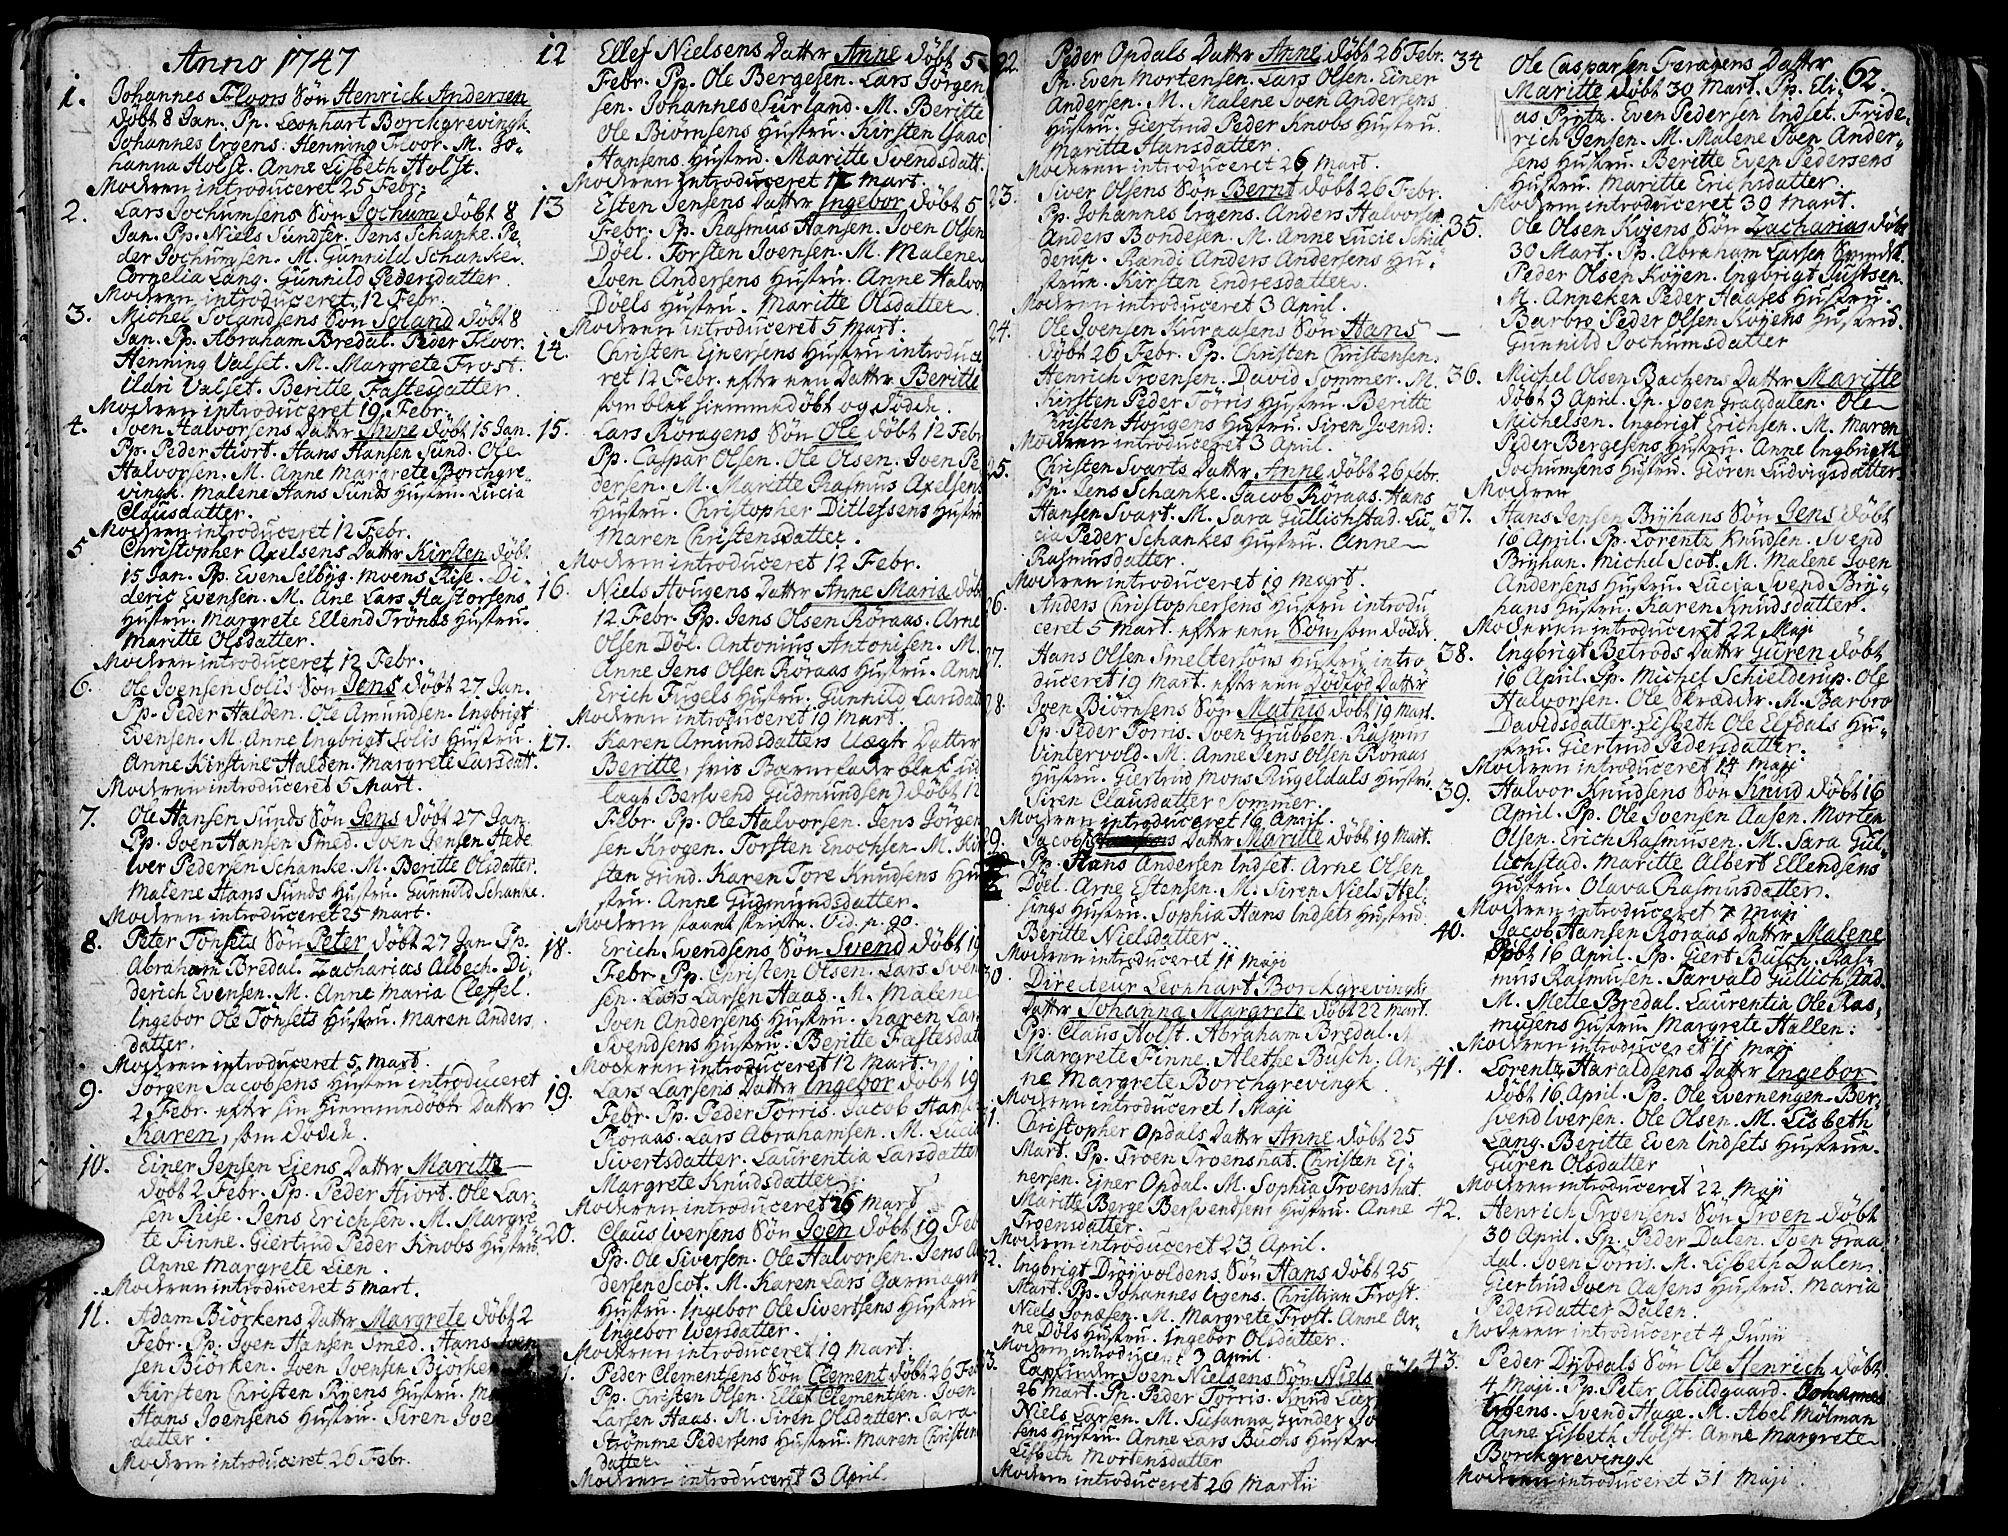 SAT, Ministerialprotokoller, klokkerbøker og fødselsregistre - Sør-Trøndelag, 681/L0925: Ministerialbok nr. 681A03, 1727-1766, s. 62